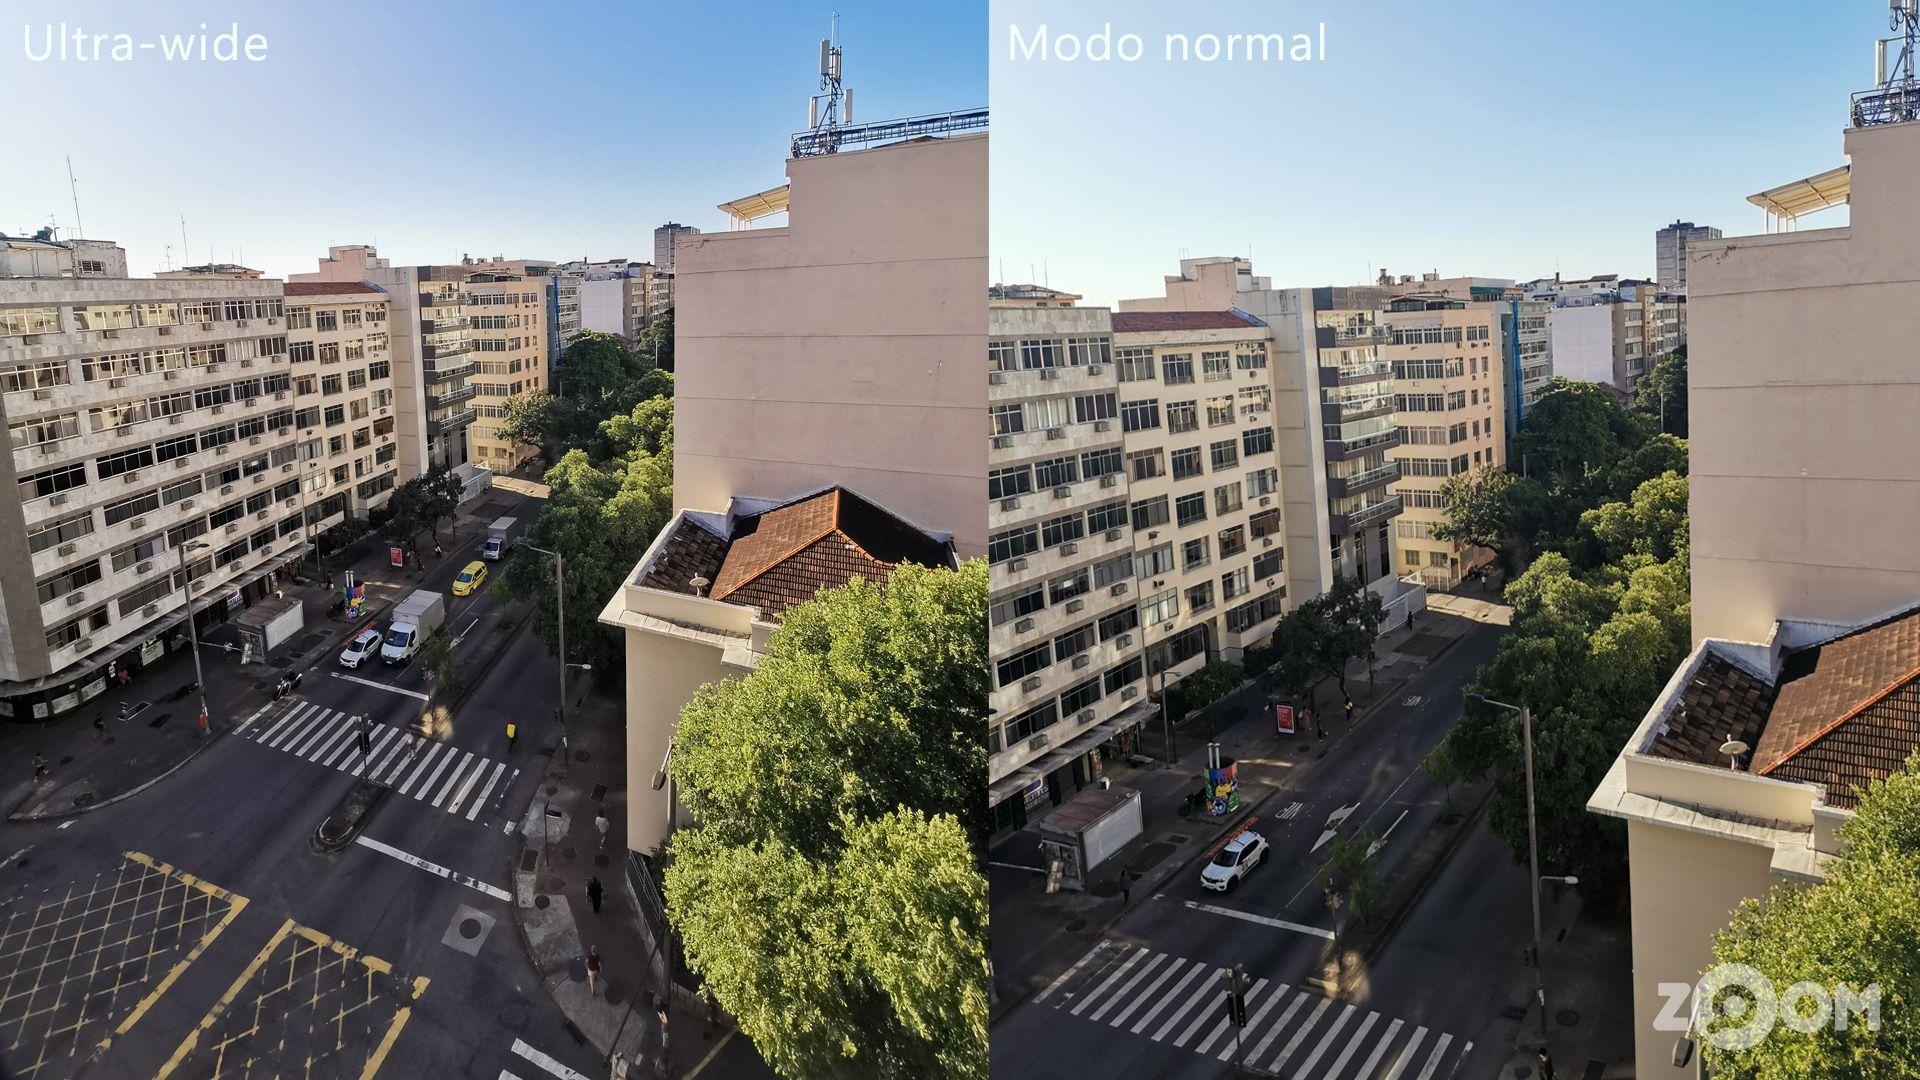 À esquerda, foto com lente ultra-wide, e à direita, foto com lente principal. Ambas as fotos foram tiradas exatamente do mesmo lugar. (Imagem: Divulgação/Ana Marques/Zoom)